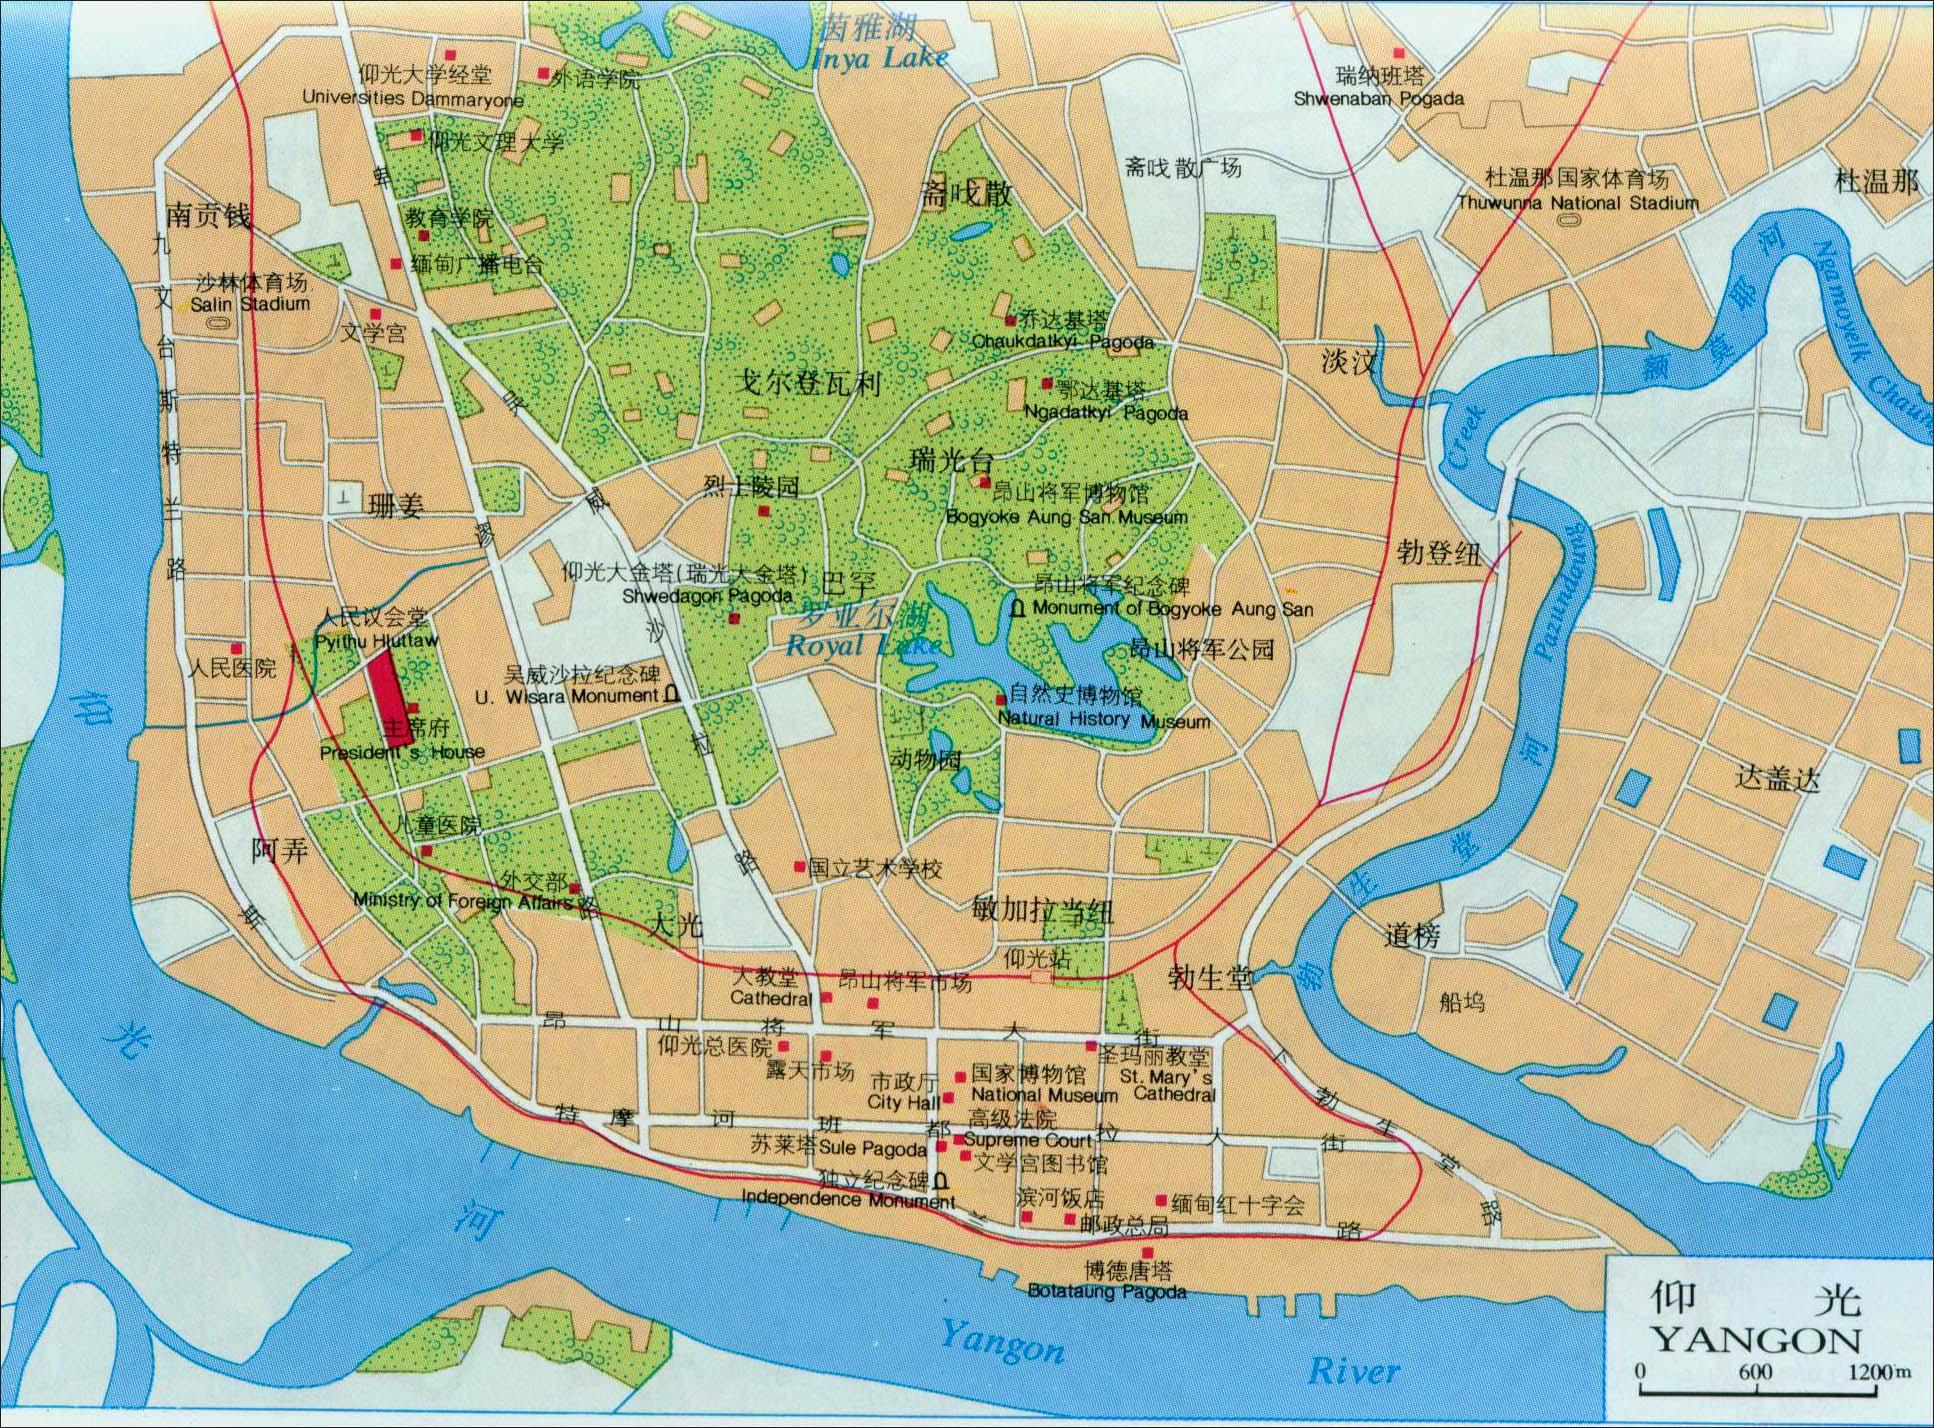 哈萨克斯坦 世界地图